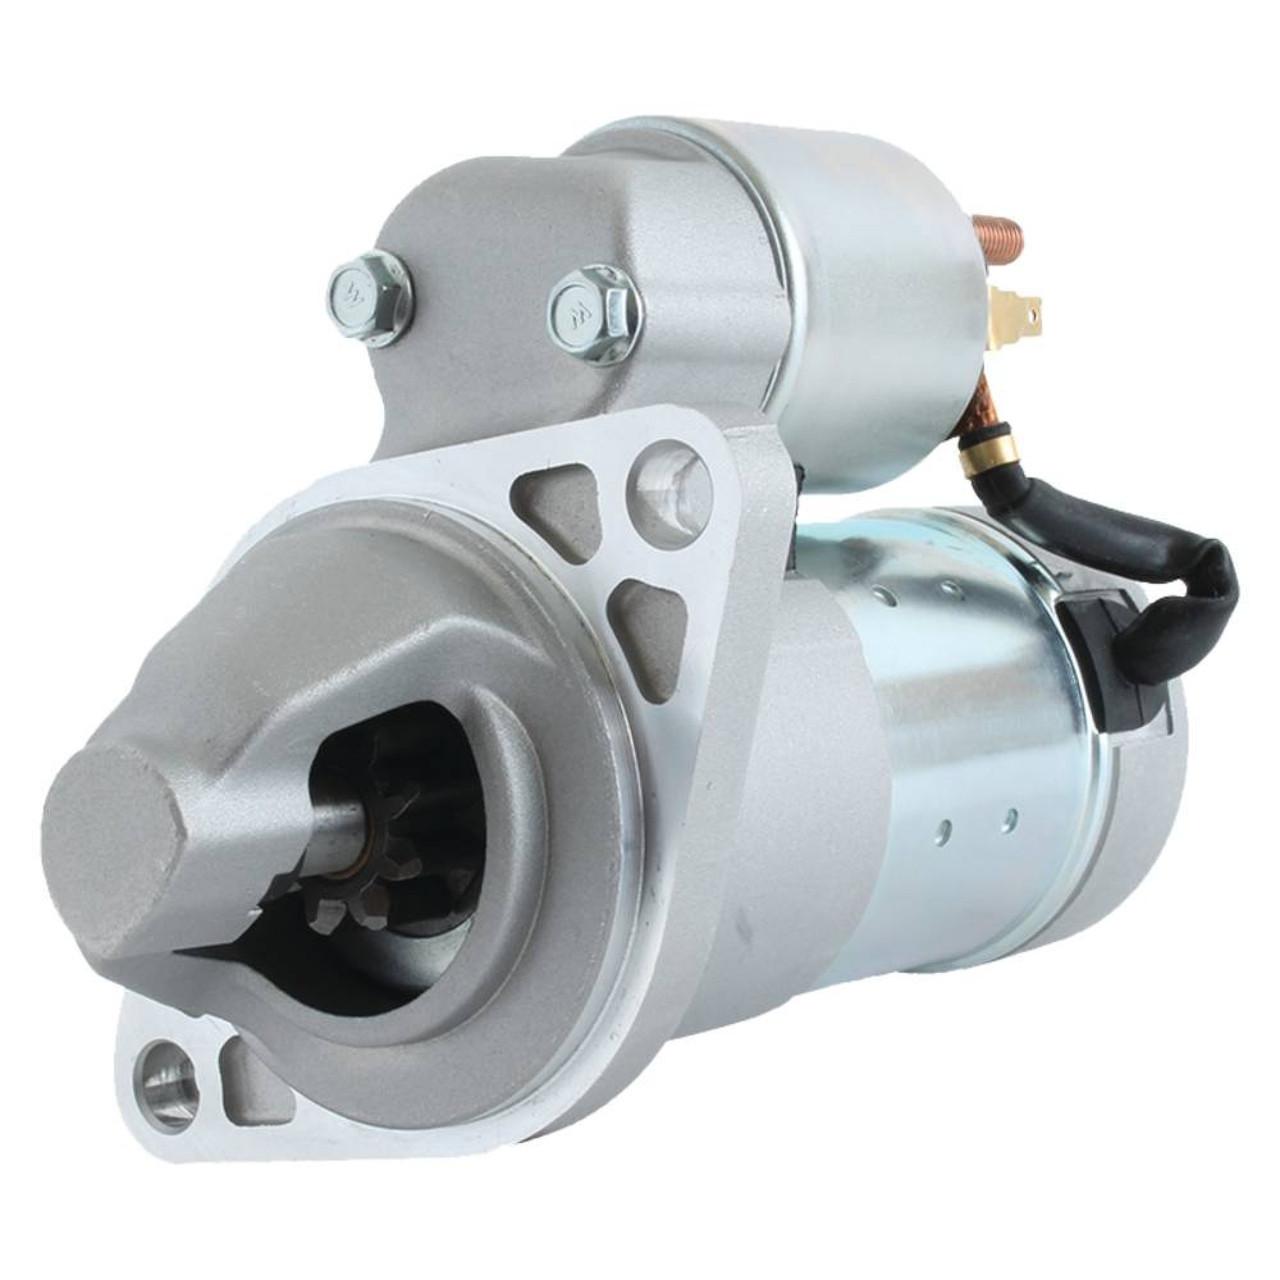 Starter for Bobcat 3400 Diesel UTV 7018593